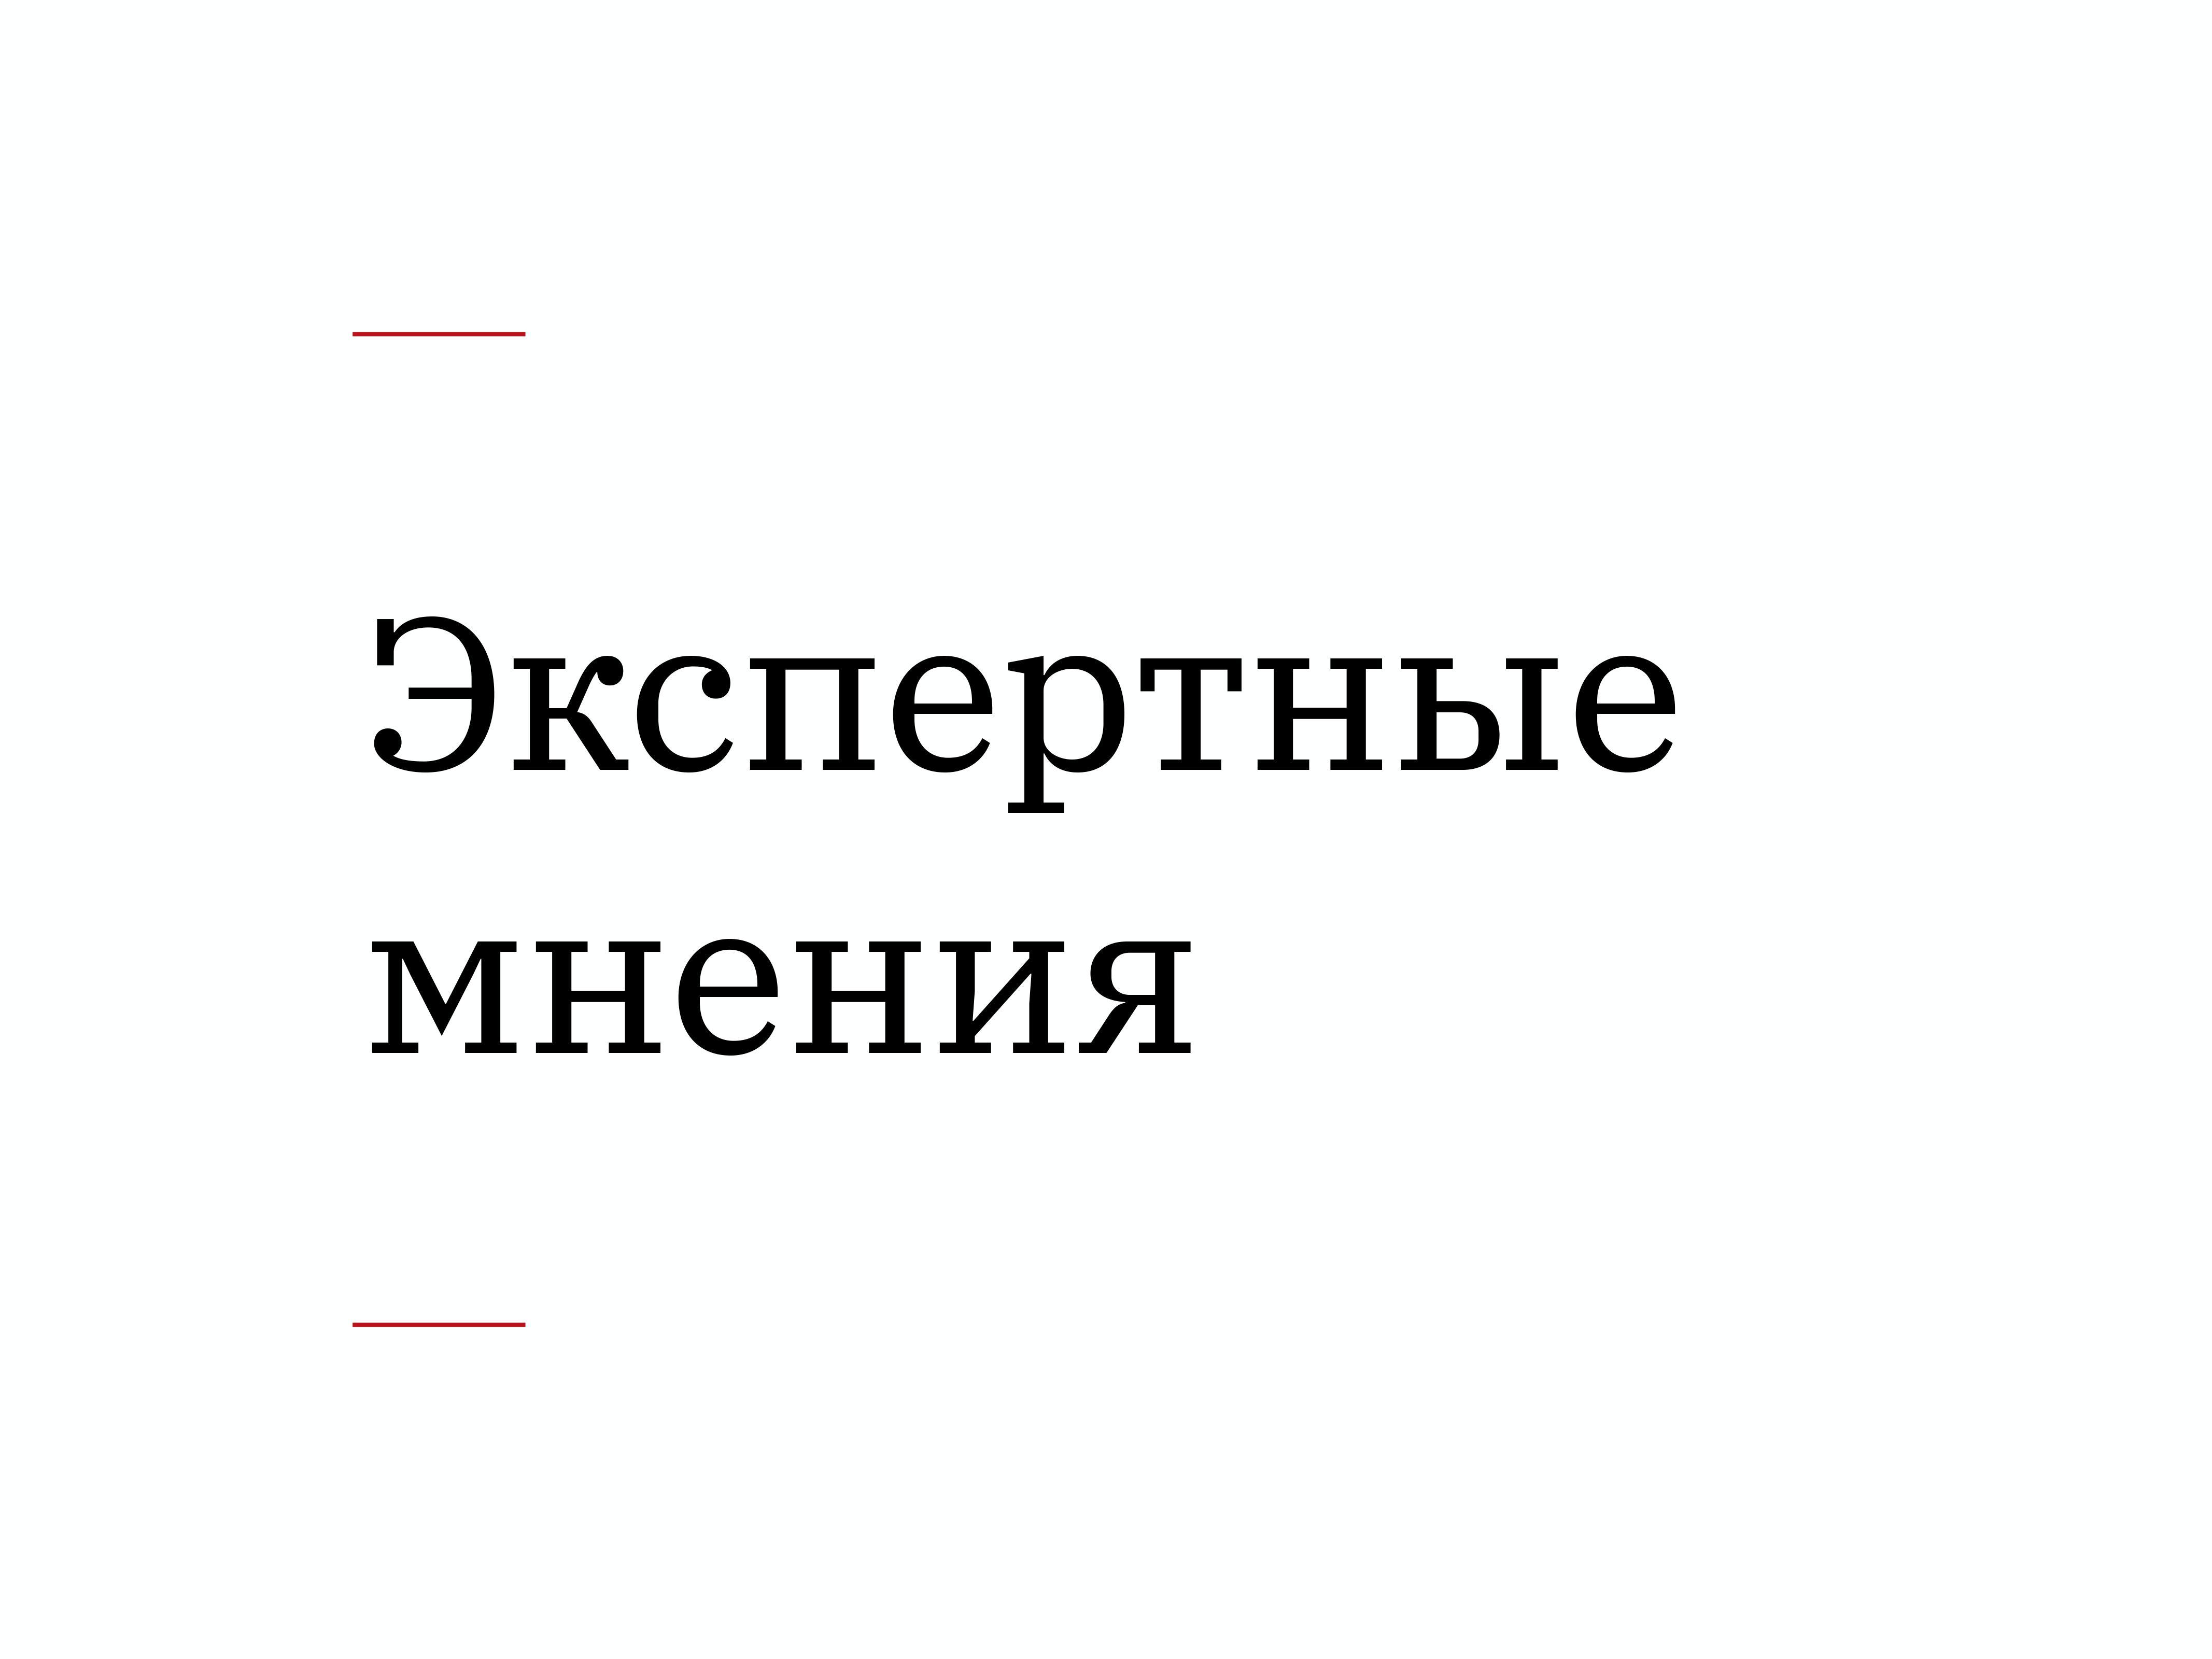 Алексей Каптерев: Критическое мышление 101 (часть 2) - 36